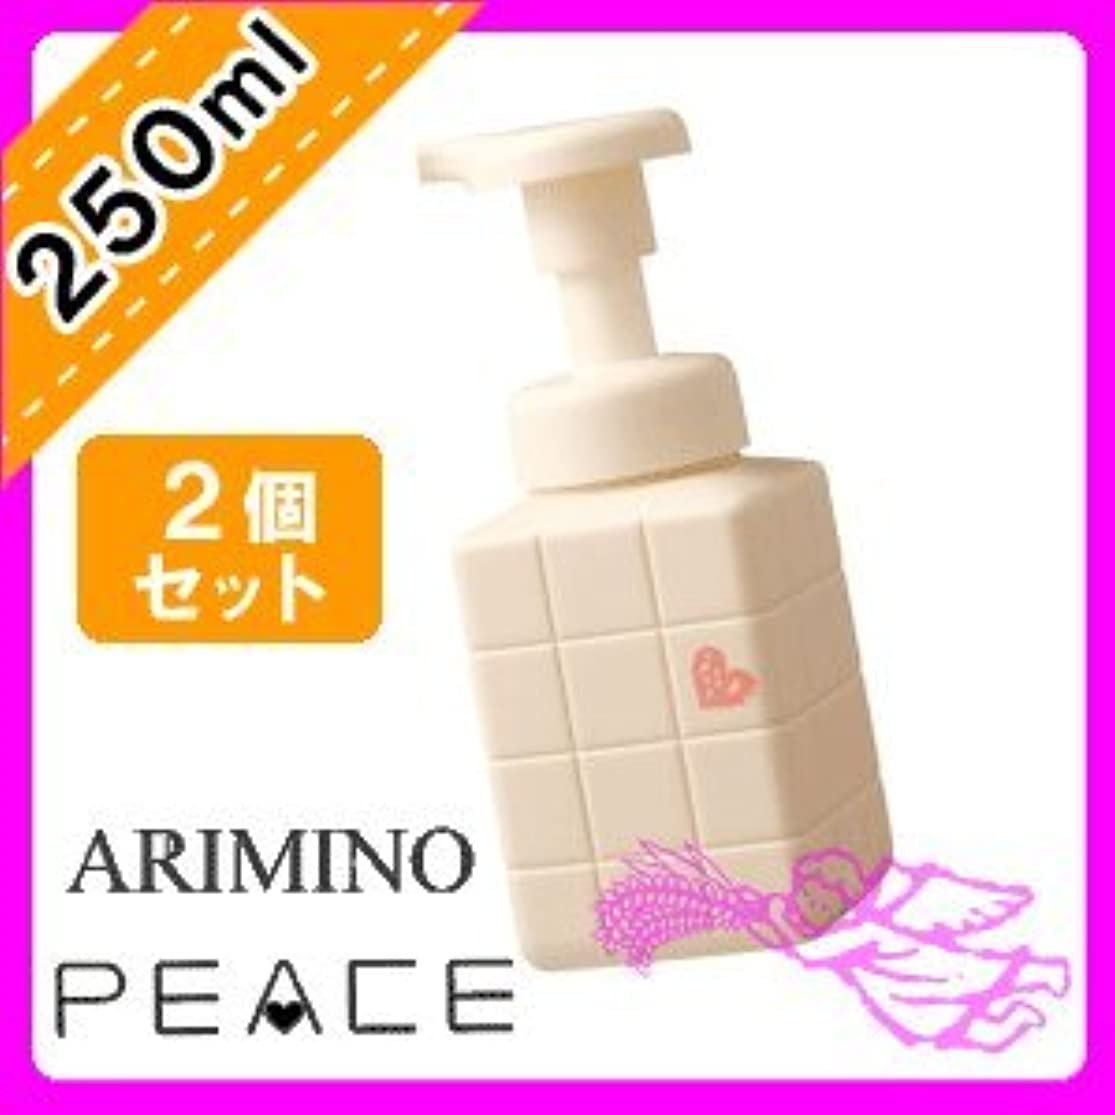 市の花応用オセアニアアリミノ ピース ホイップワックス PEACE ナチュラルウェーブ ホイップ250mL ×2個 セット arimino PEACE